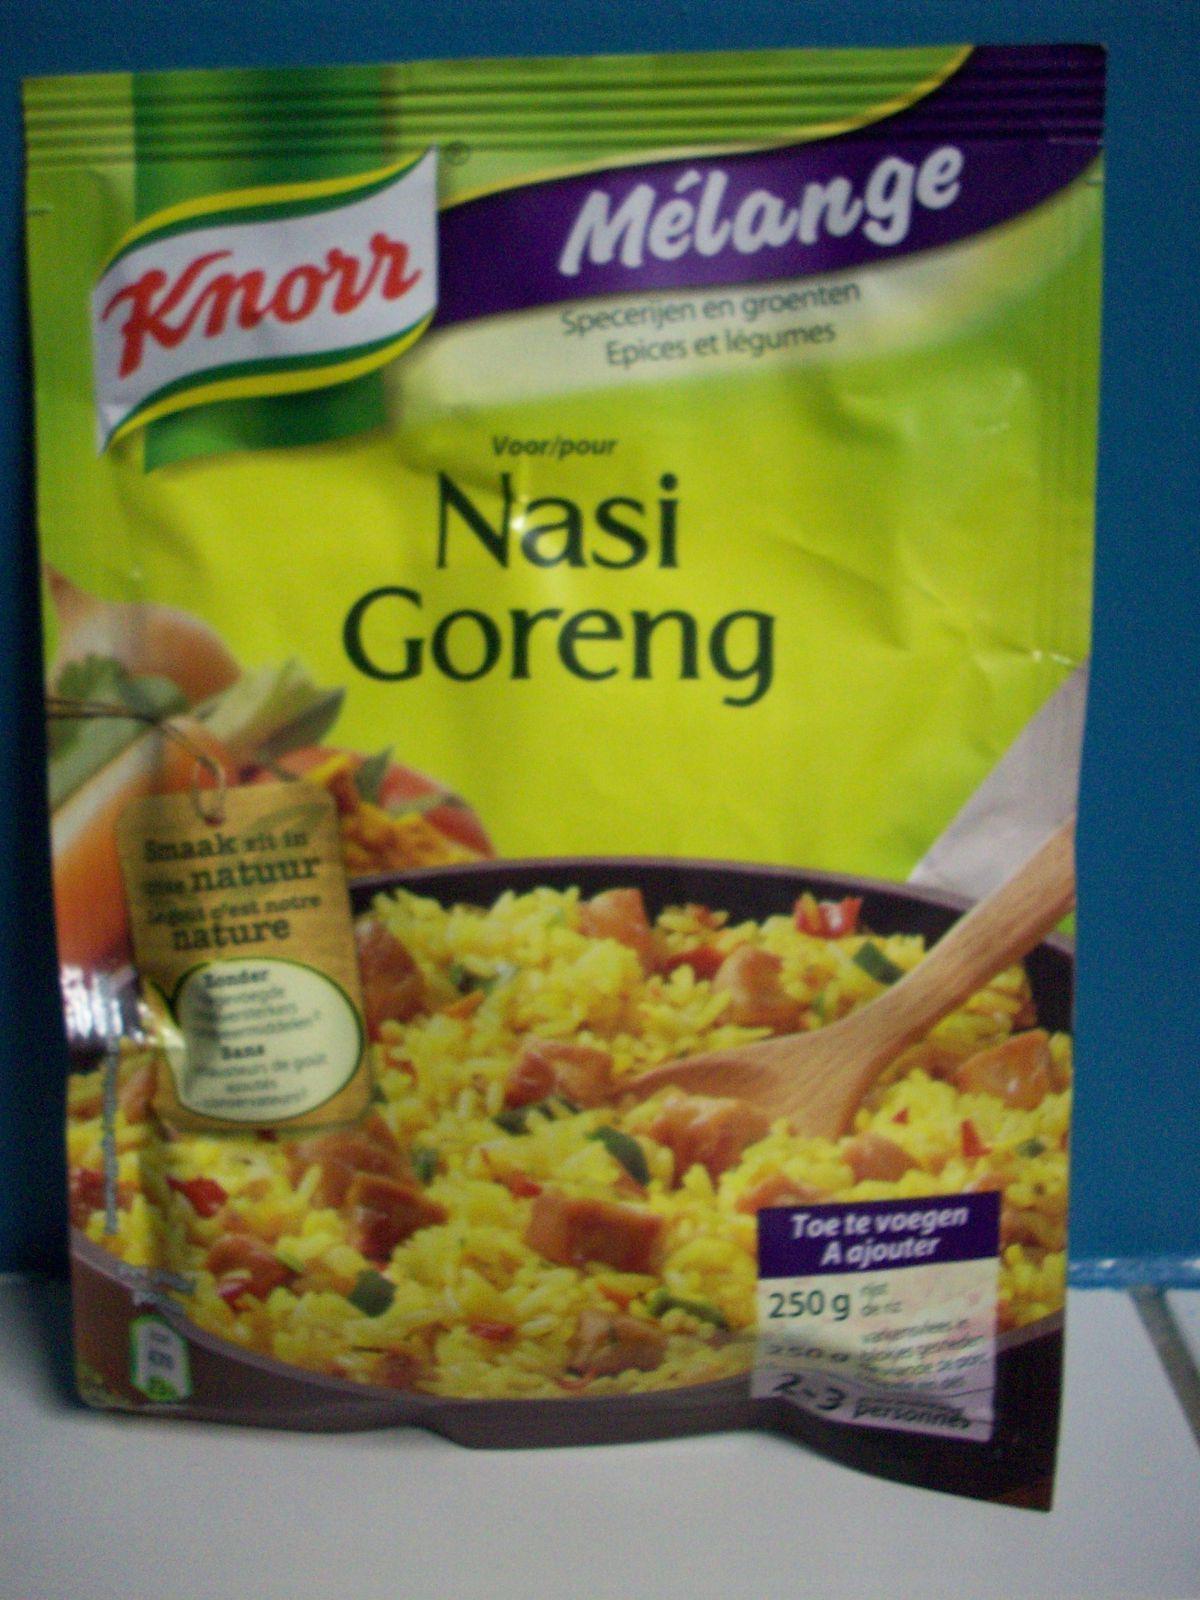 Bientôt en test: le mélange d'épices Nasi Goreng